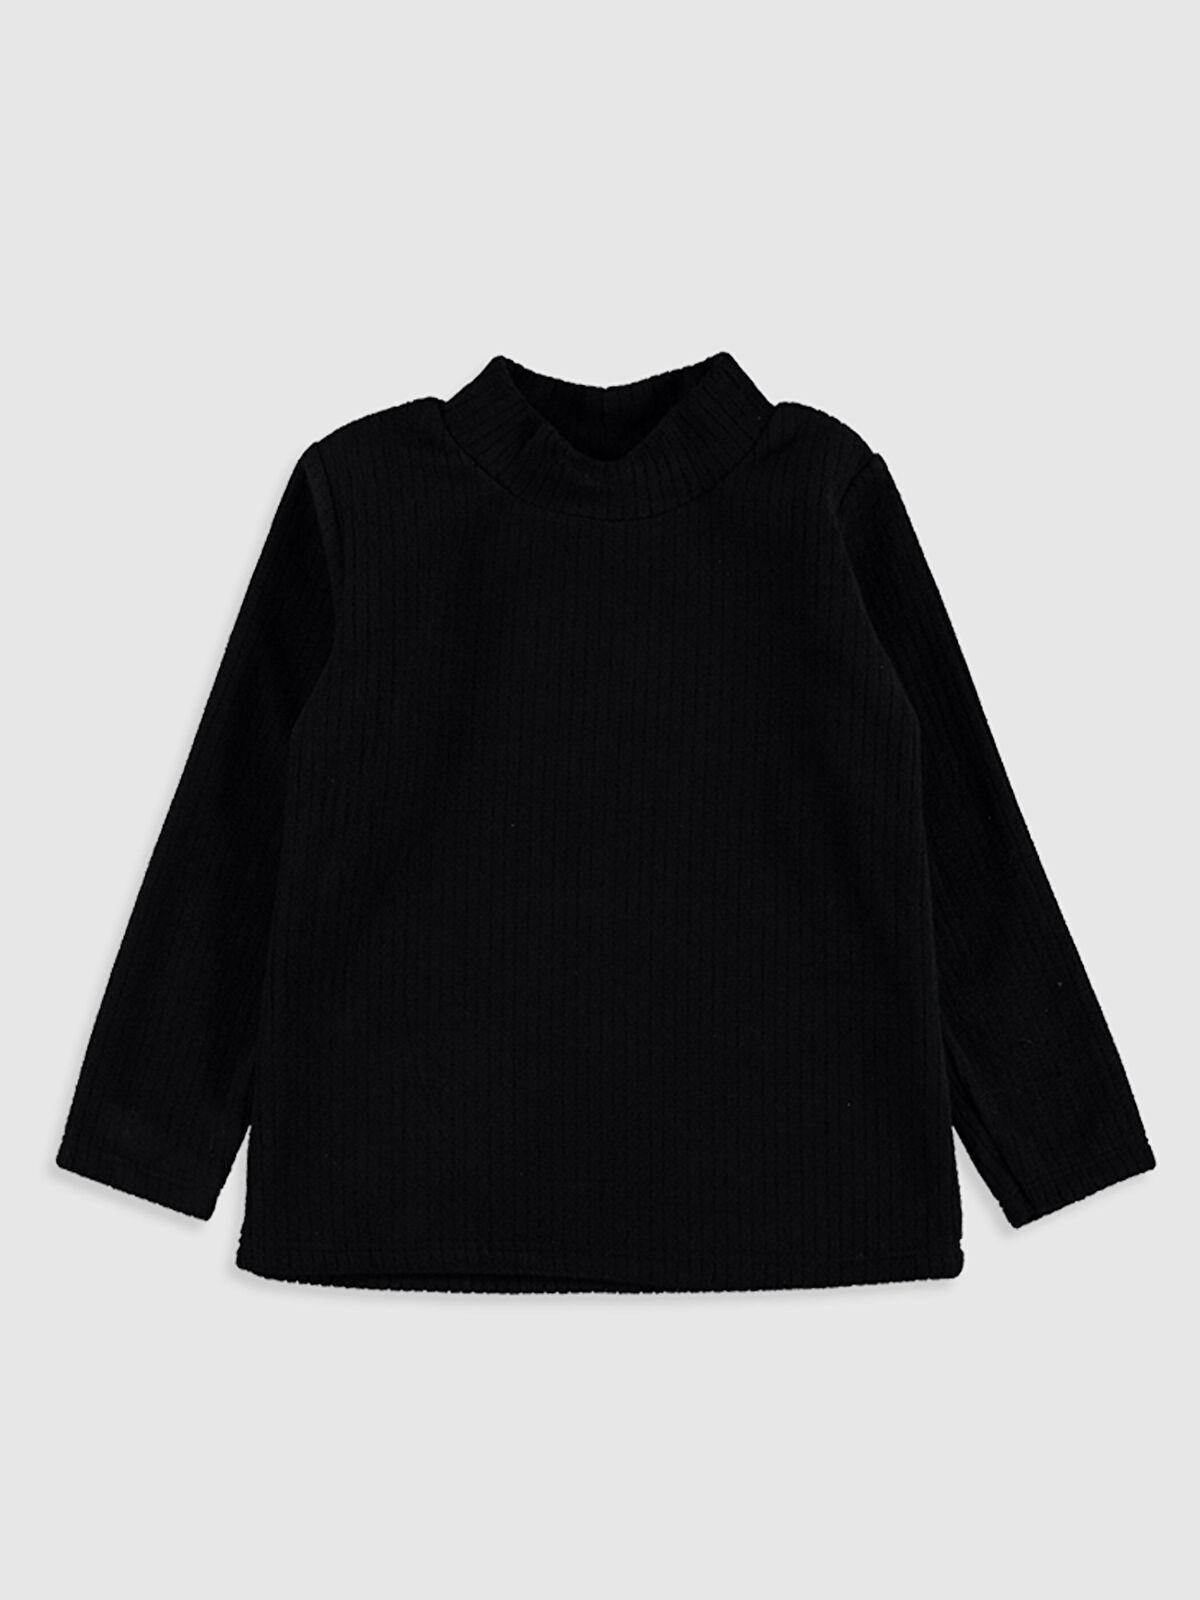 Kız Çocuk Balıkçı Yaka Basic Polar Tişört - LC WAIKIKI